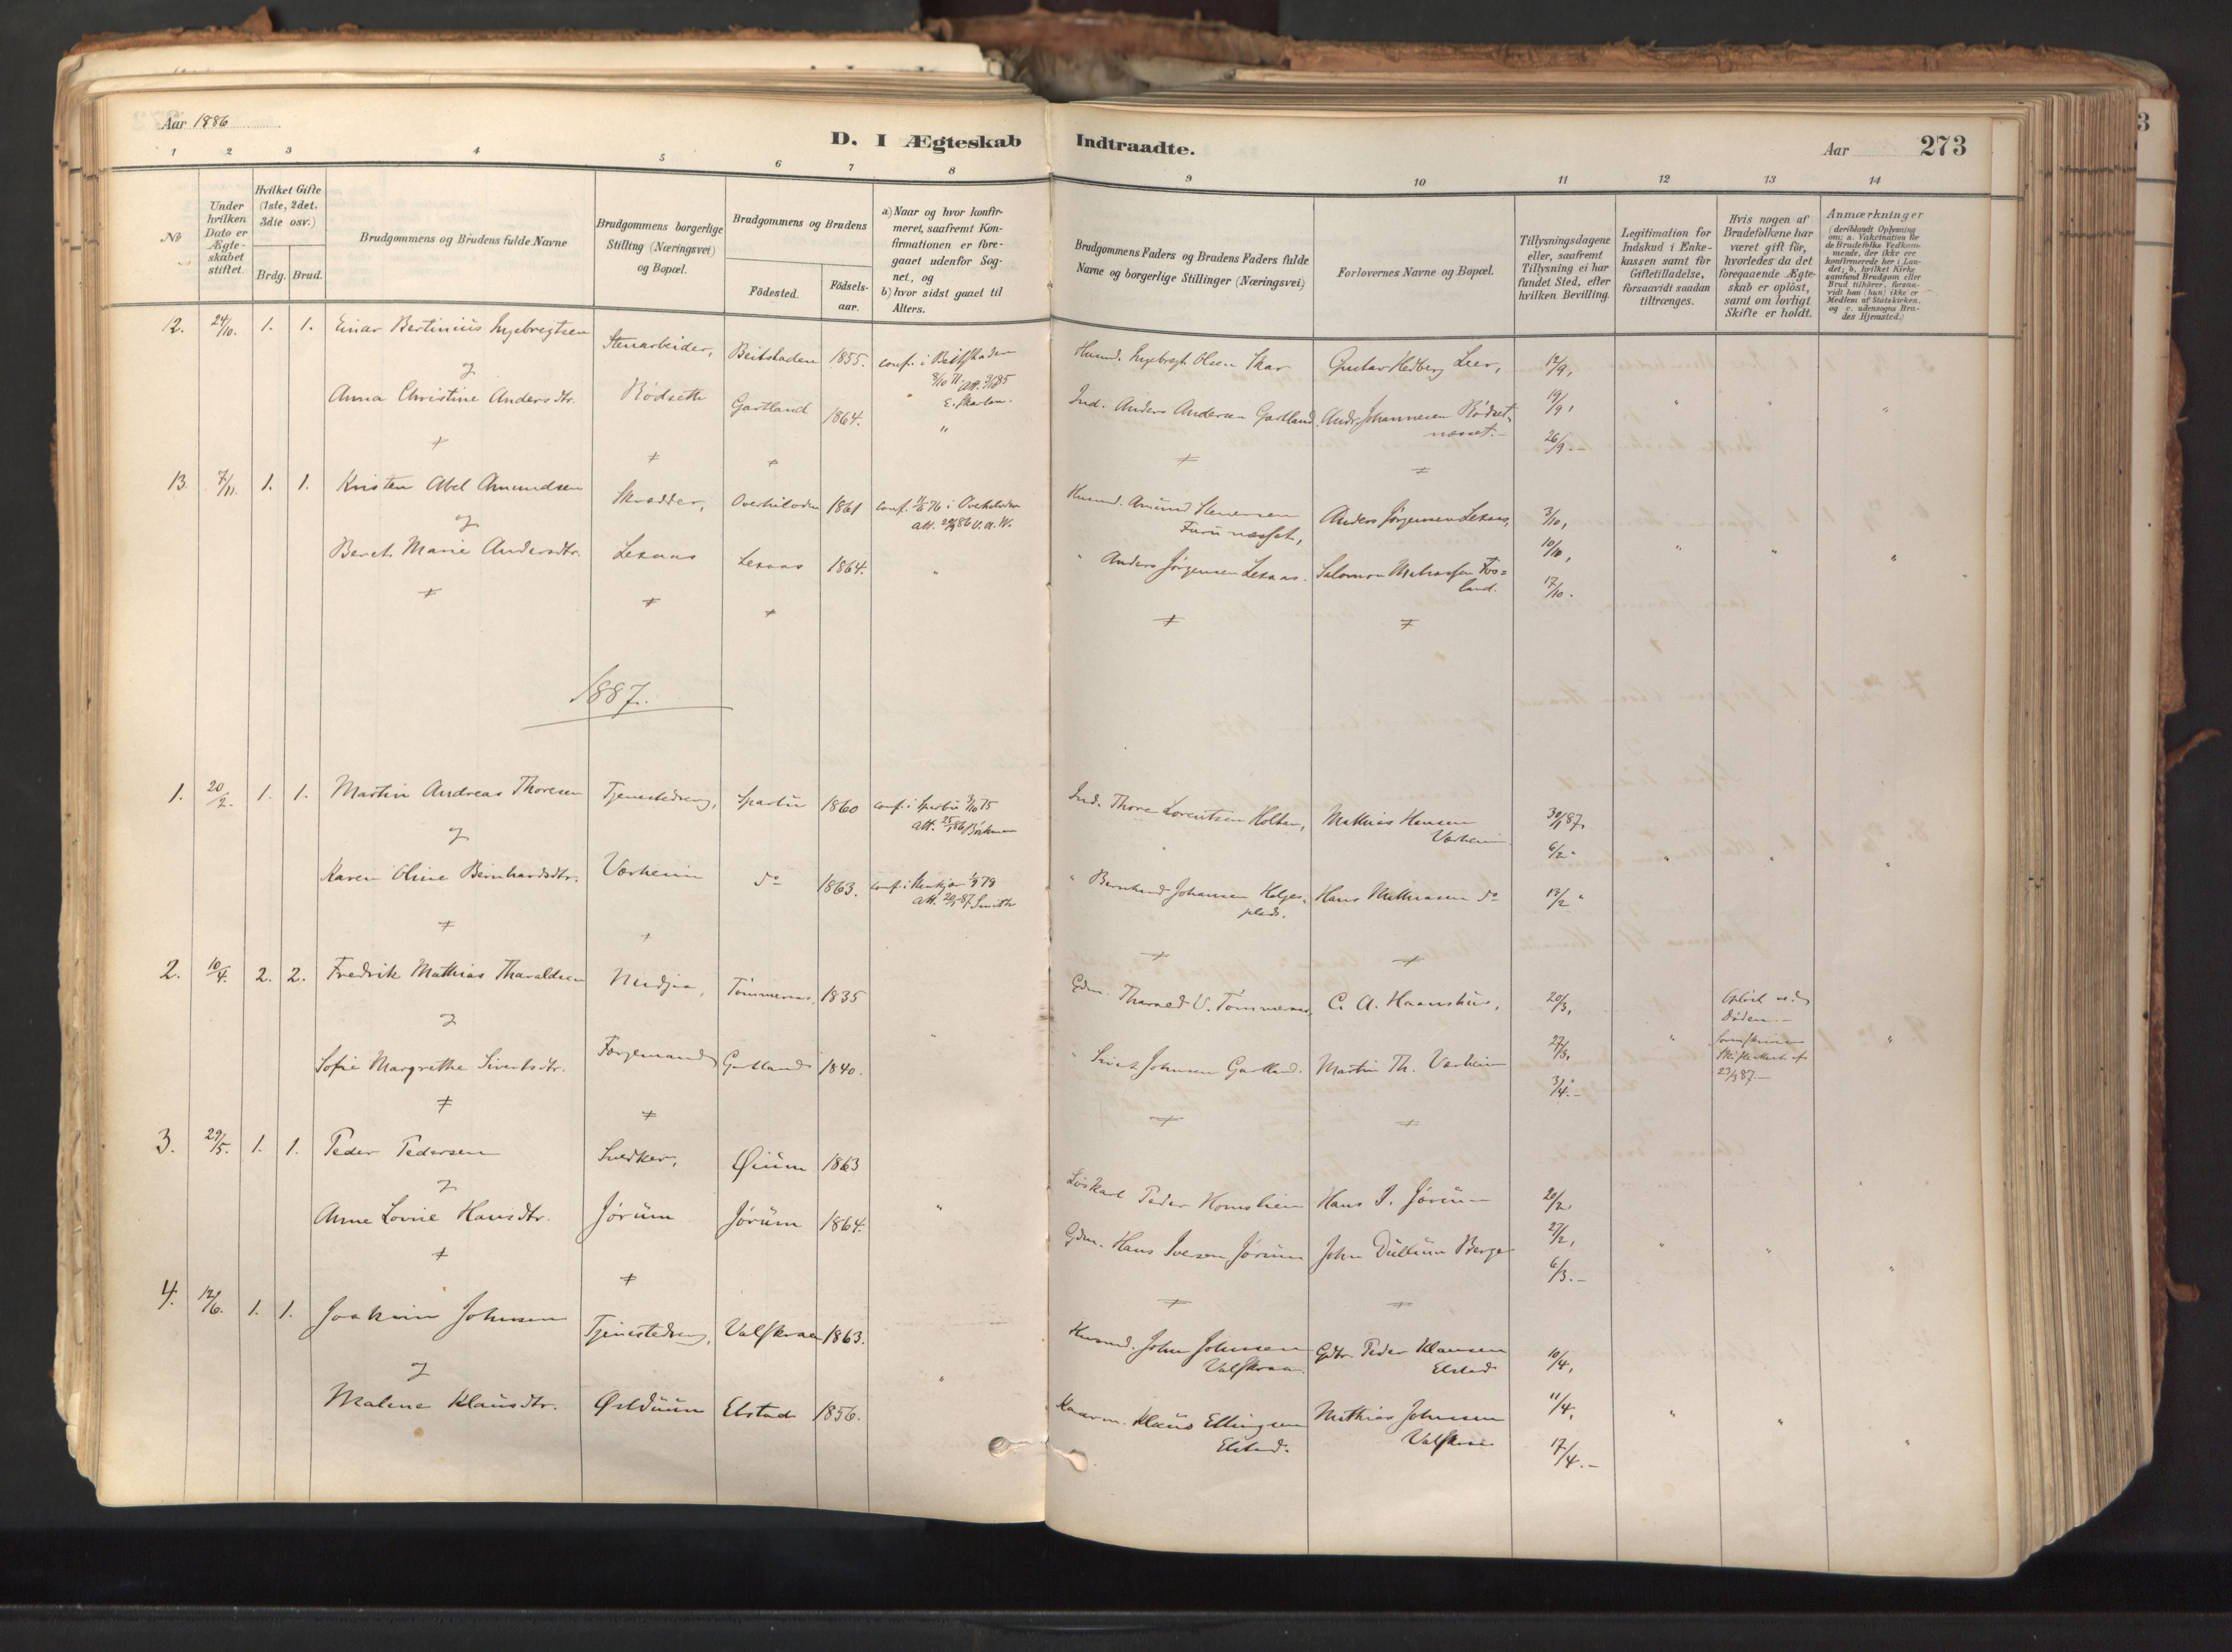 SAT, Ministerialprotokoller, klokkerbøker og fødselsregistre - Nord-Trøndelag, 758/L0519: Ministerialbok nr. 758A04, 1880-1926, s. 273